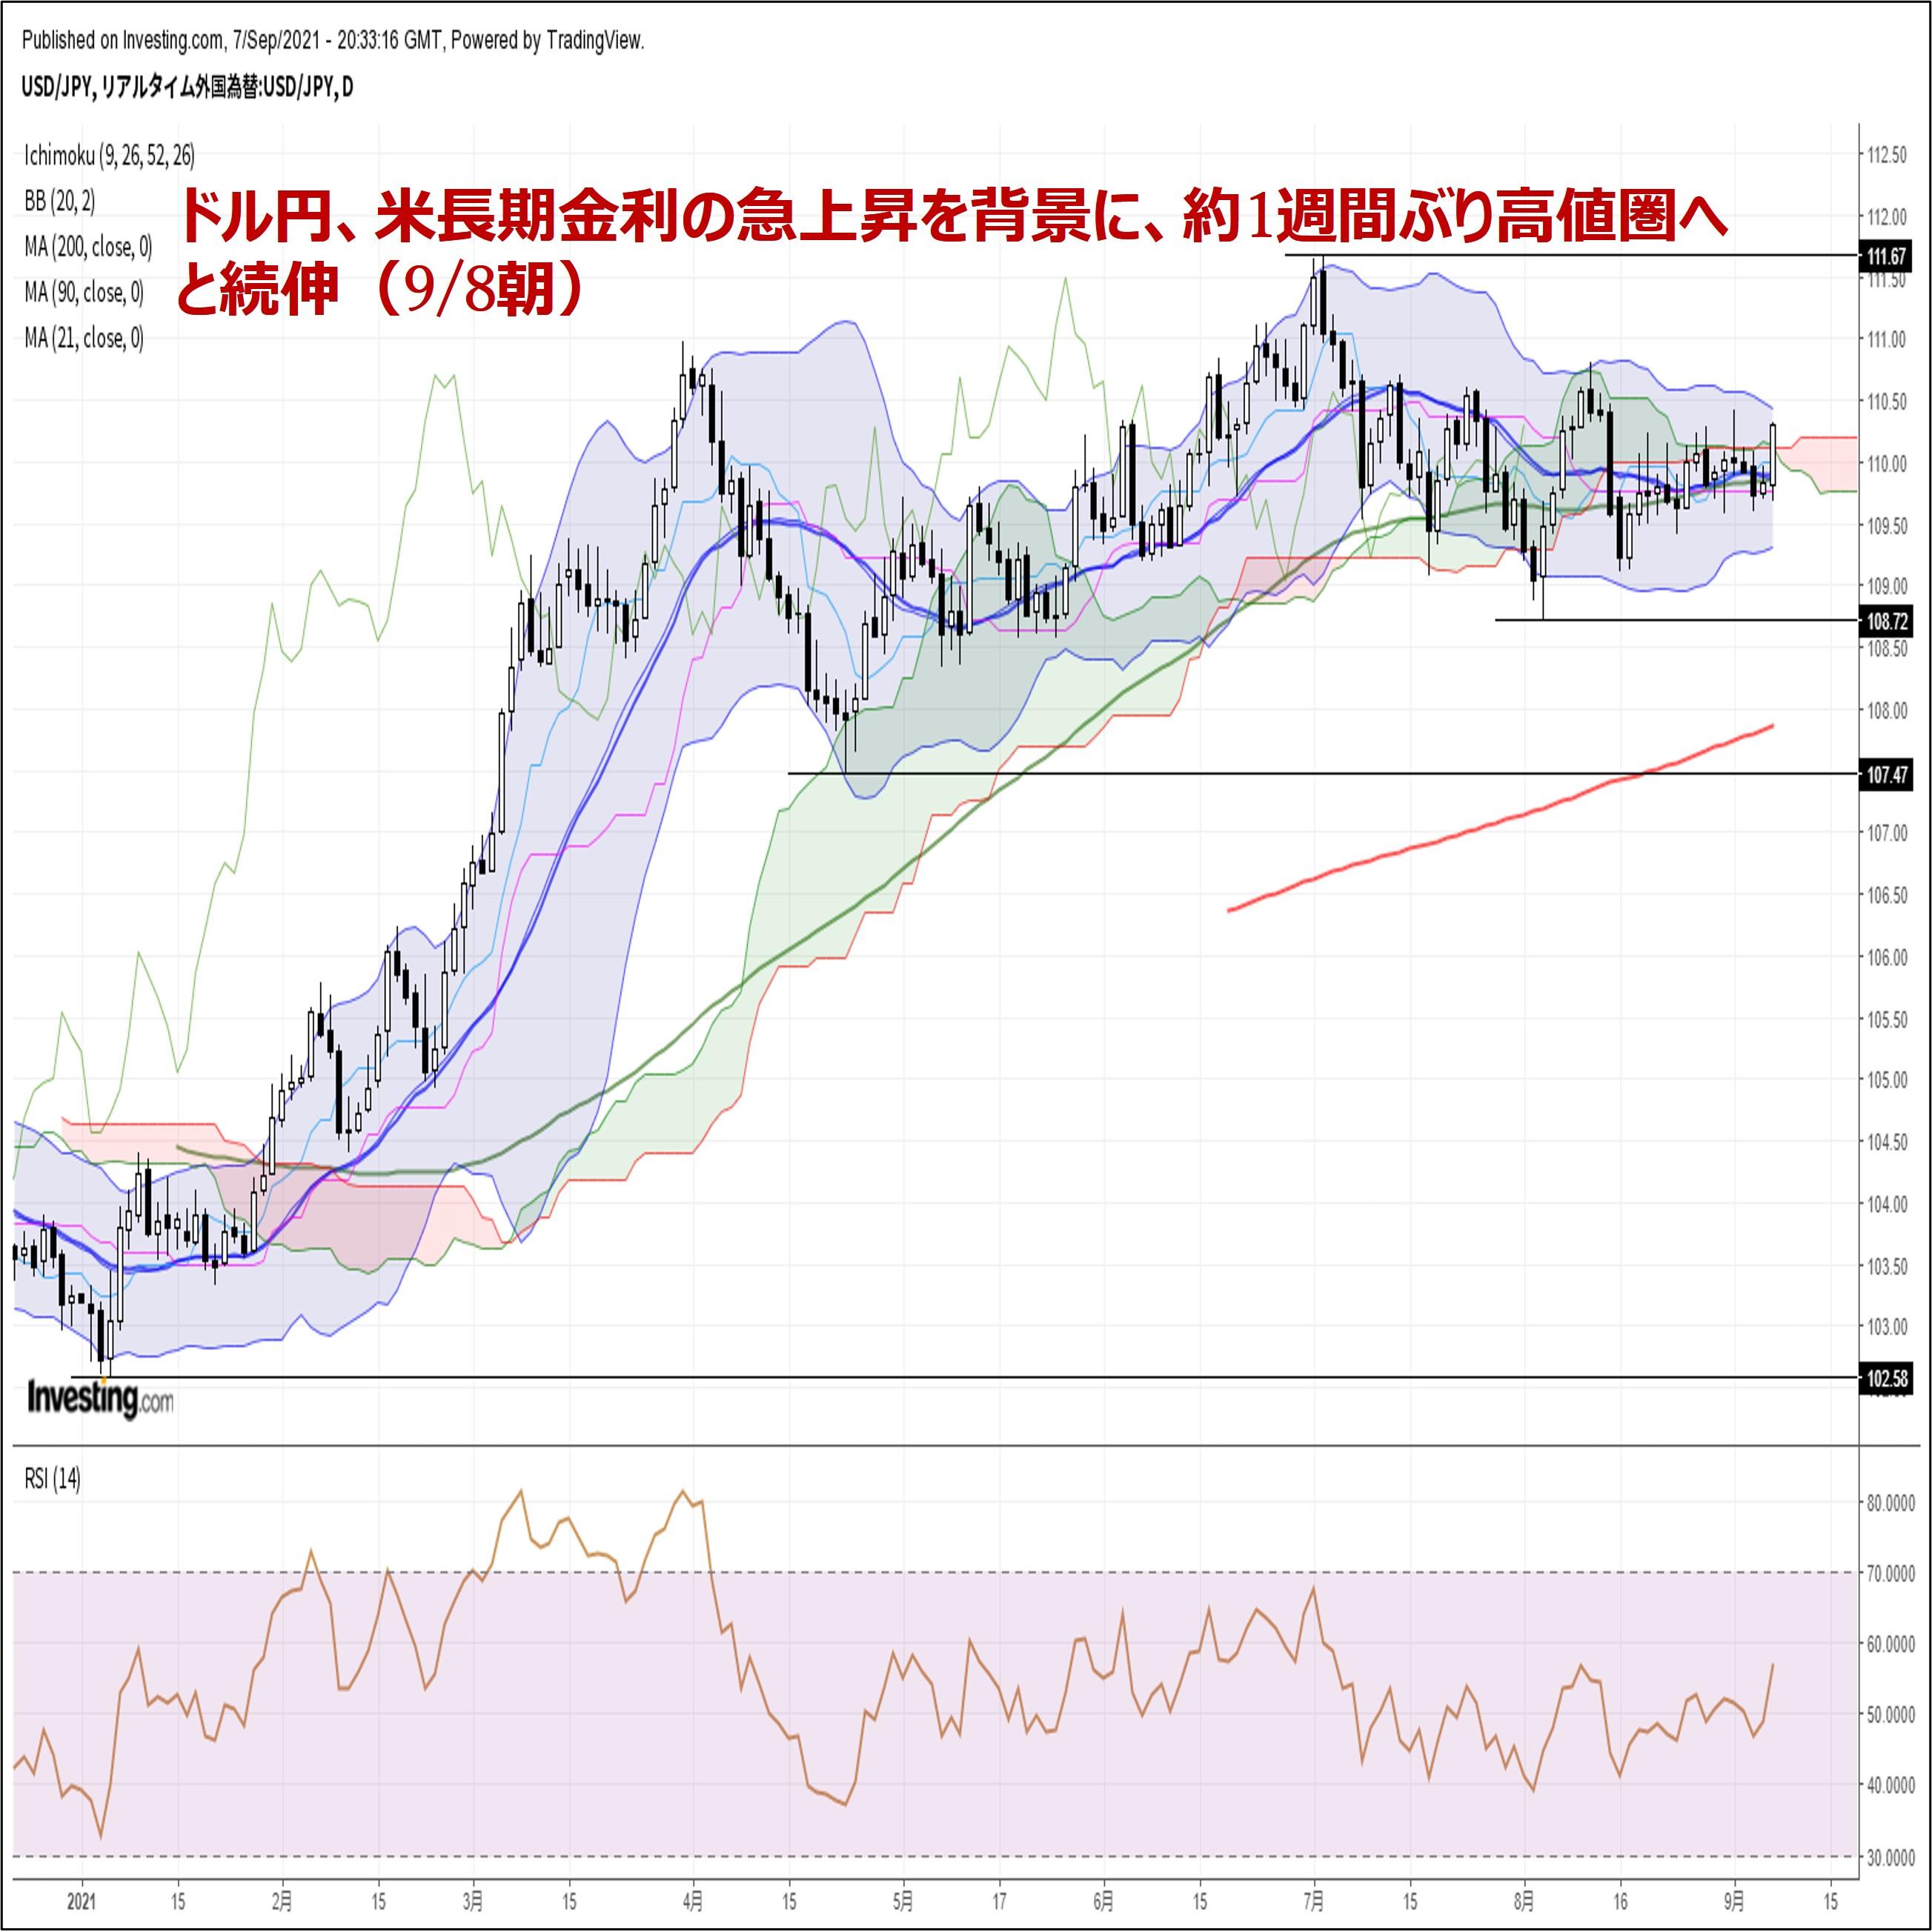 ドル円、米長期金利の急上昇を背景に、約1週間ぶり高値圏へと続伸(9/8朝)